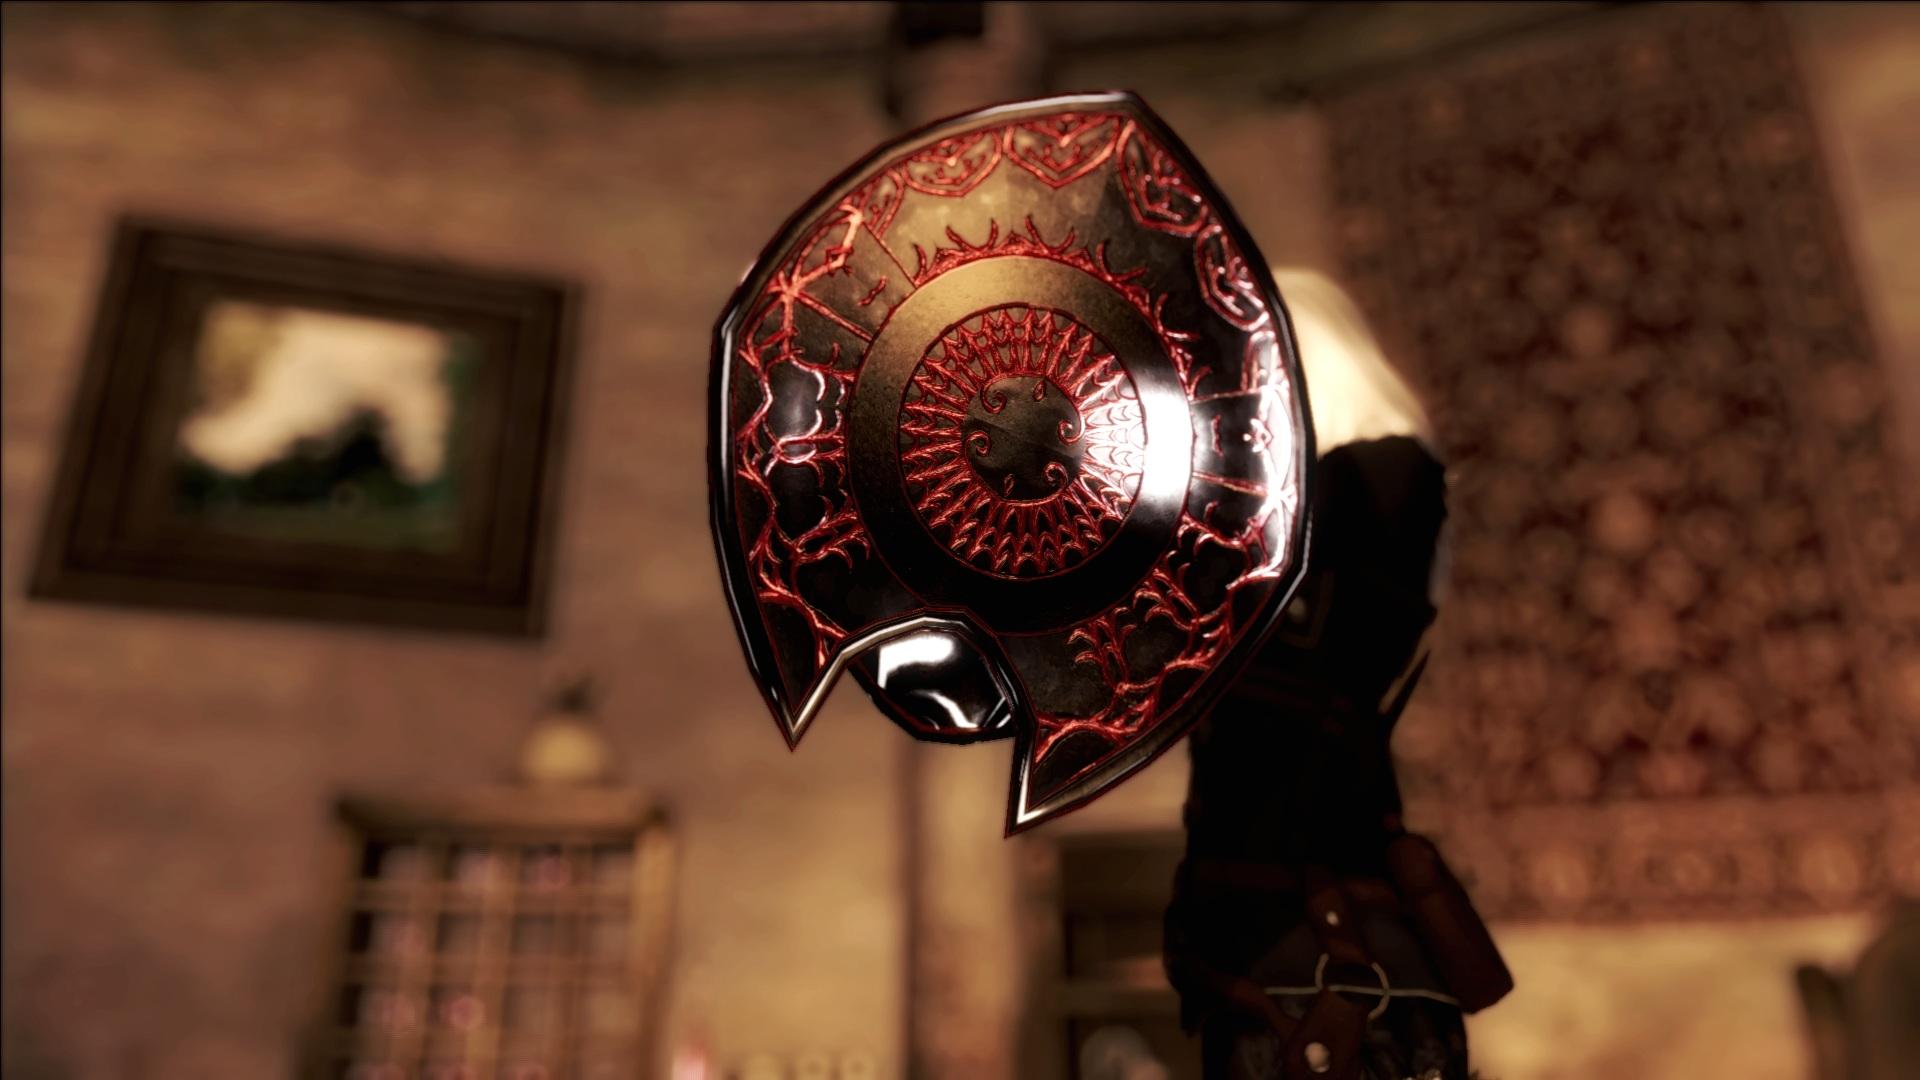 Oblivion 2011-10-22 23-50-11-64